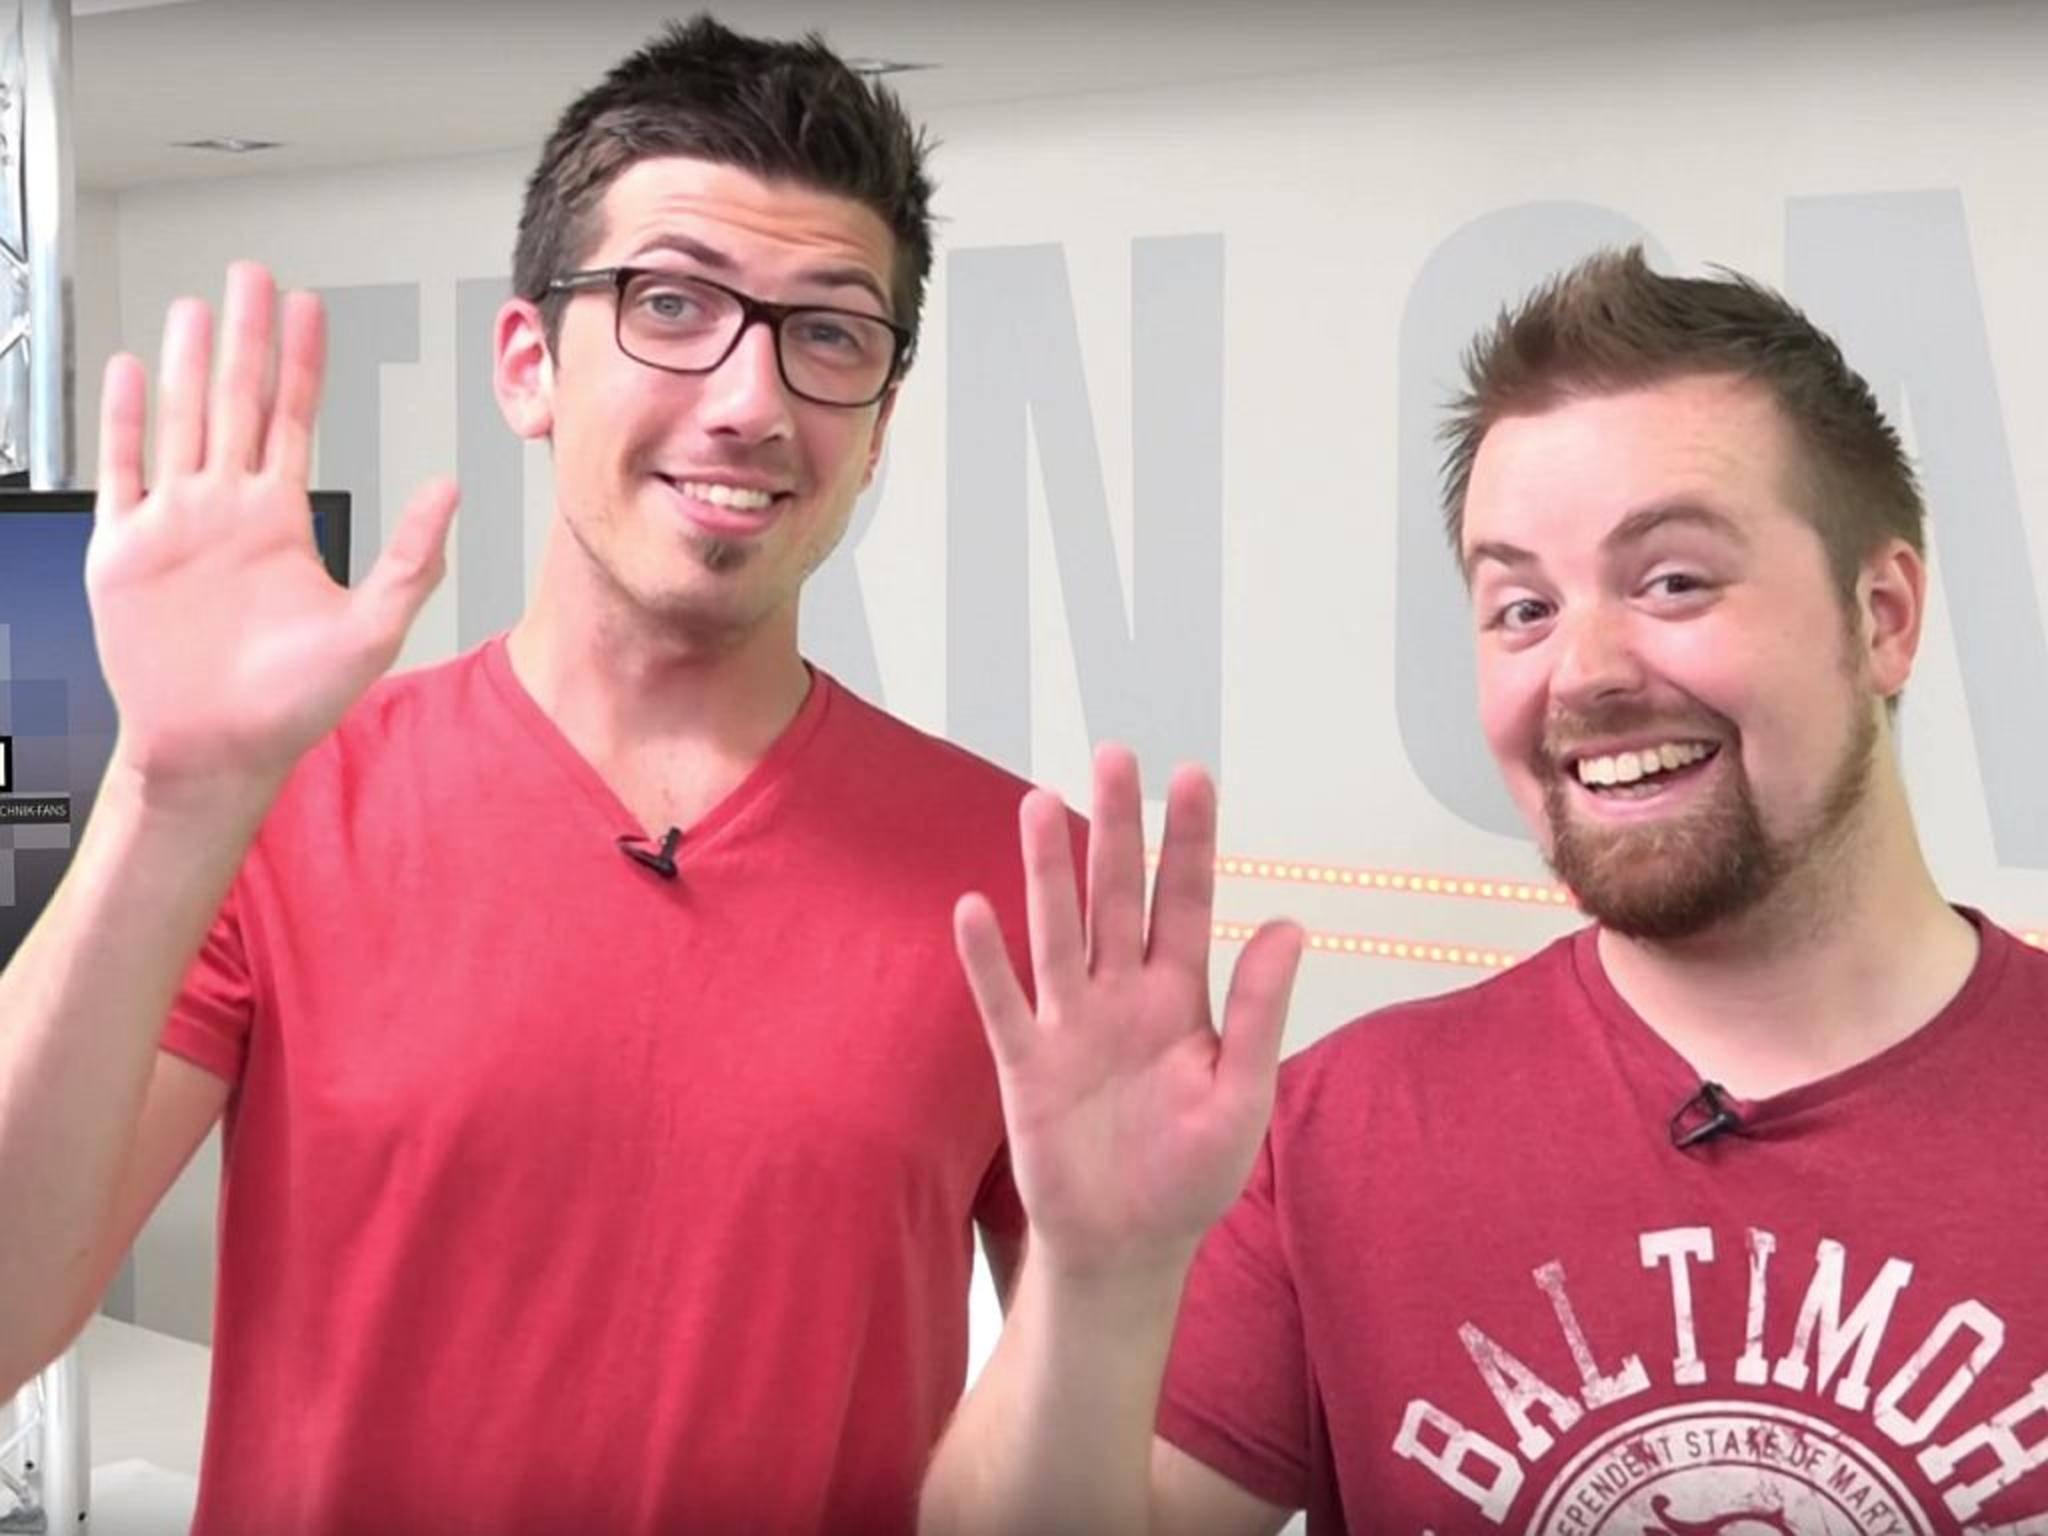 Zwei Männer, eine Mission: ein neuer Sendeplan für TURN ON auf YouTube.